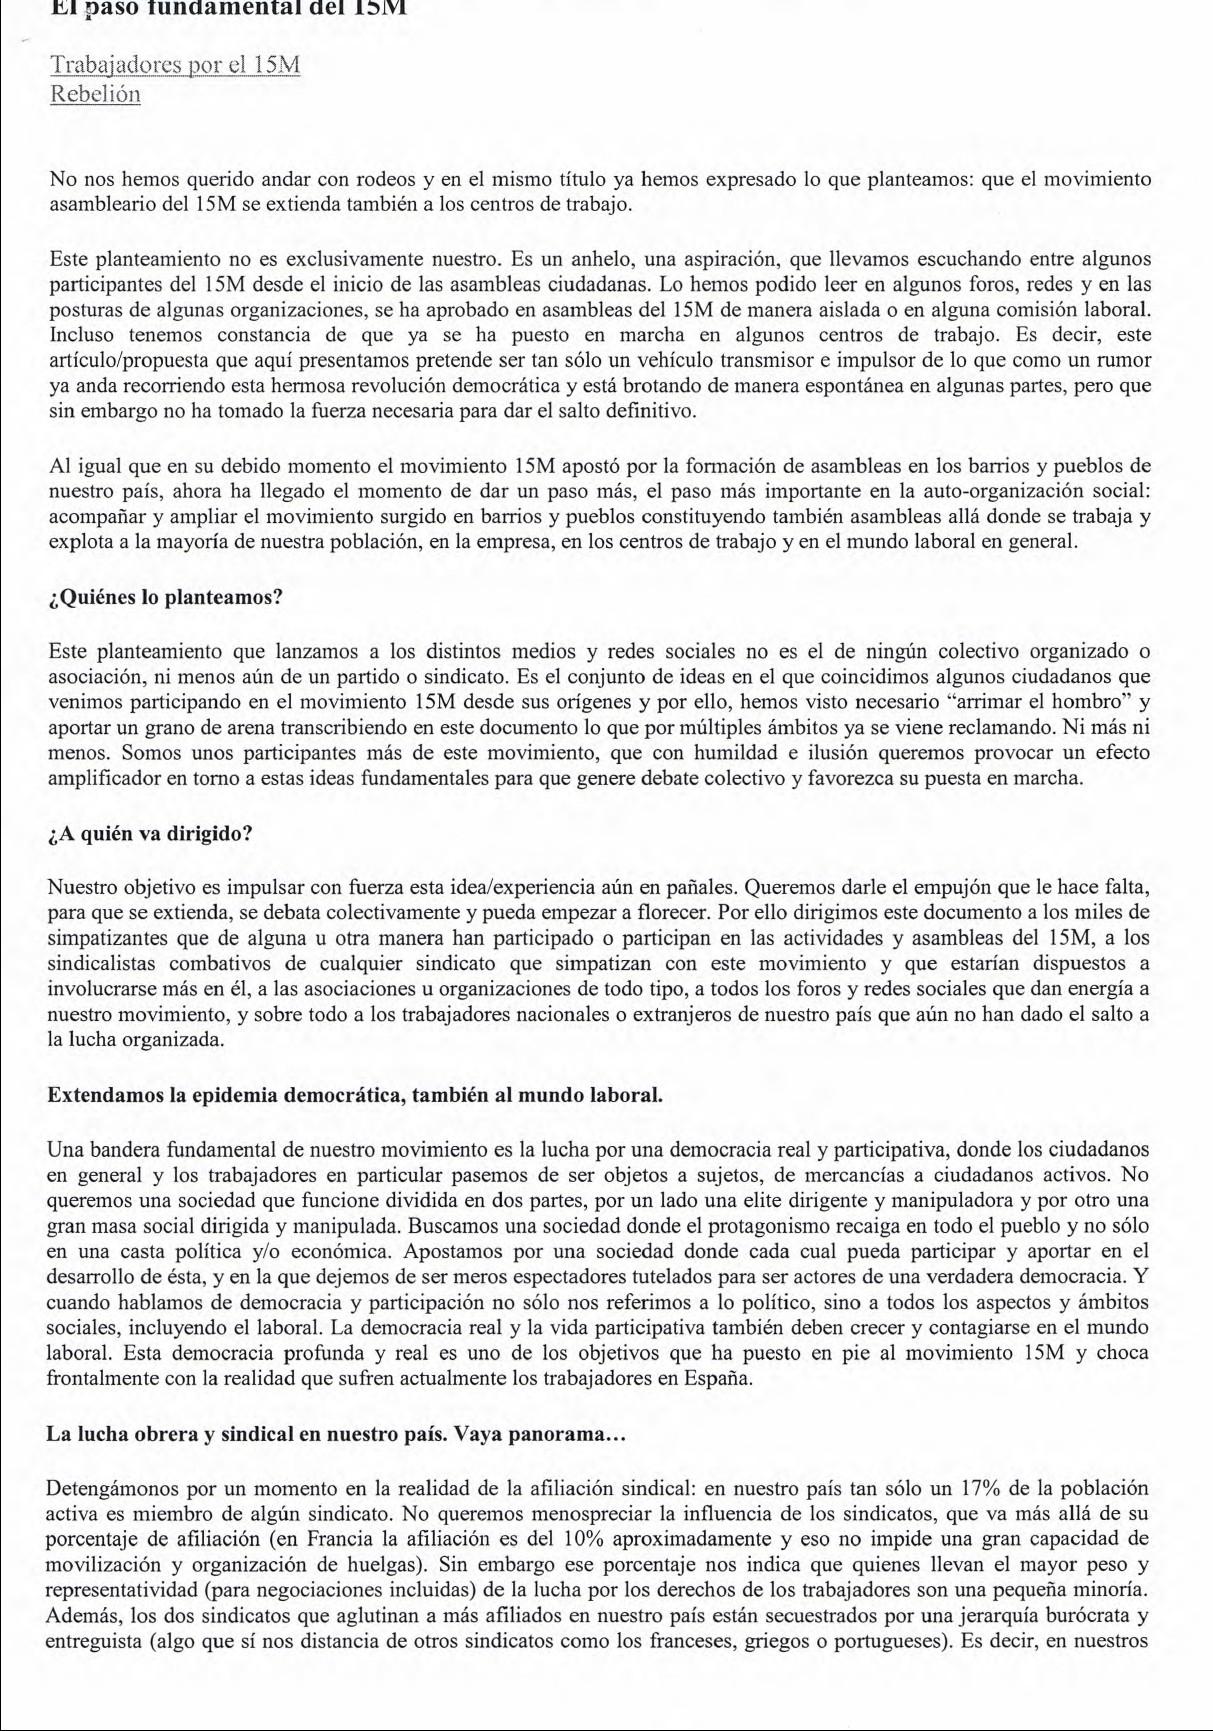 REFUNDACIÓN DE LA IZQUIERDA (3): Nuevas Formas Organizativas (1).- 15 M